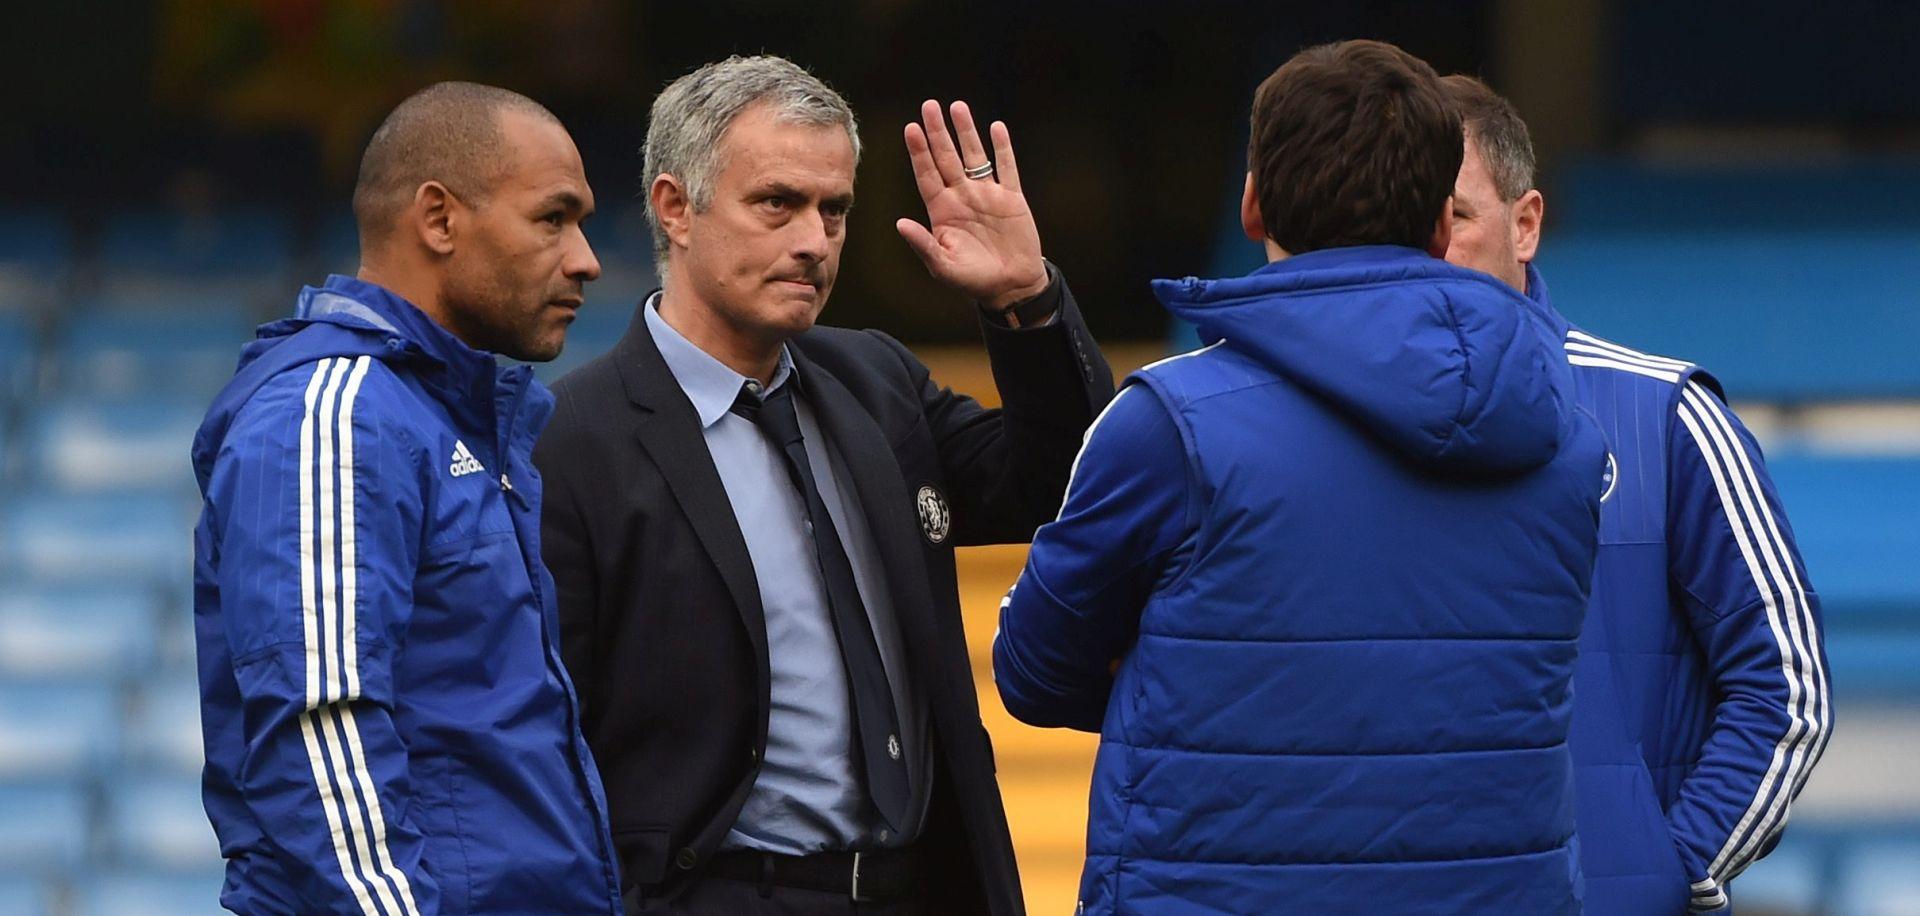 CRVENI KARTON PROTIV BILIĆA Mourinhu zabrana vođenja momčadi na jednoj utakmici i novčana kazna